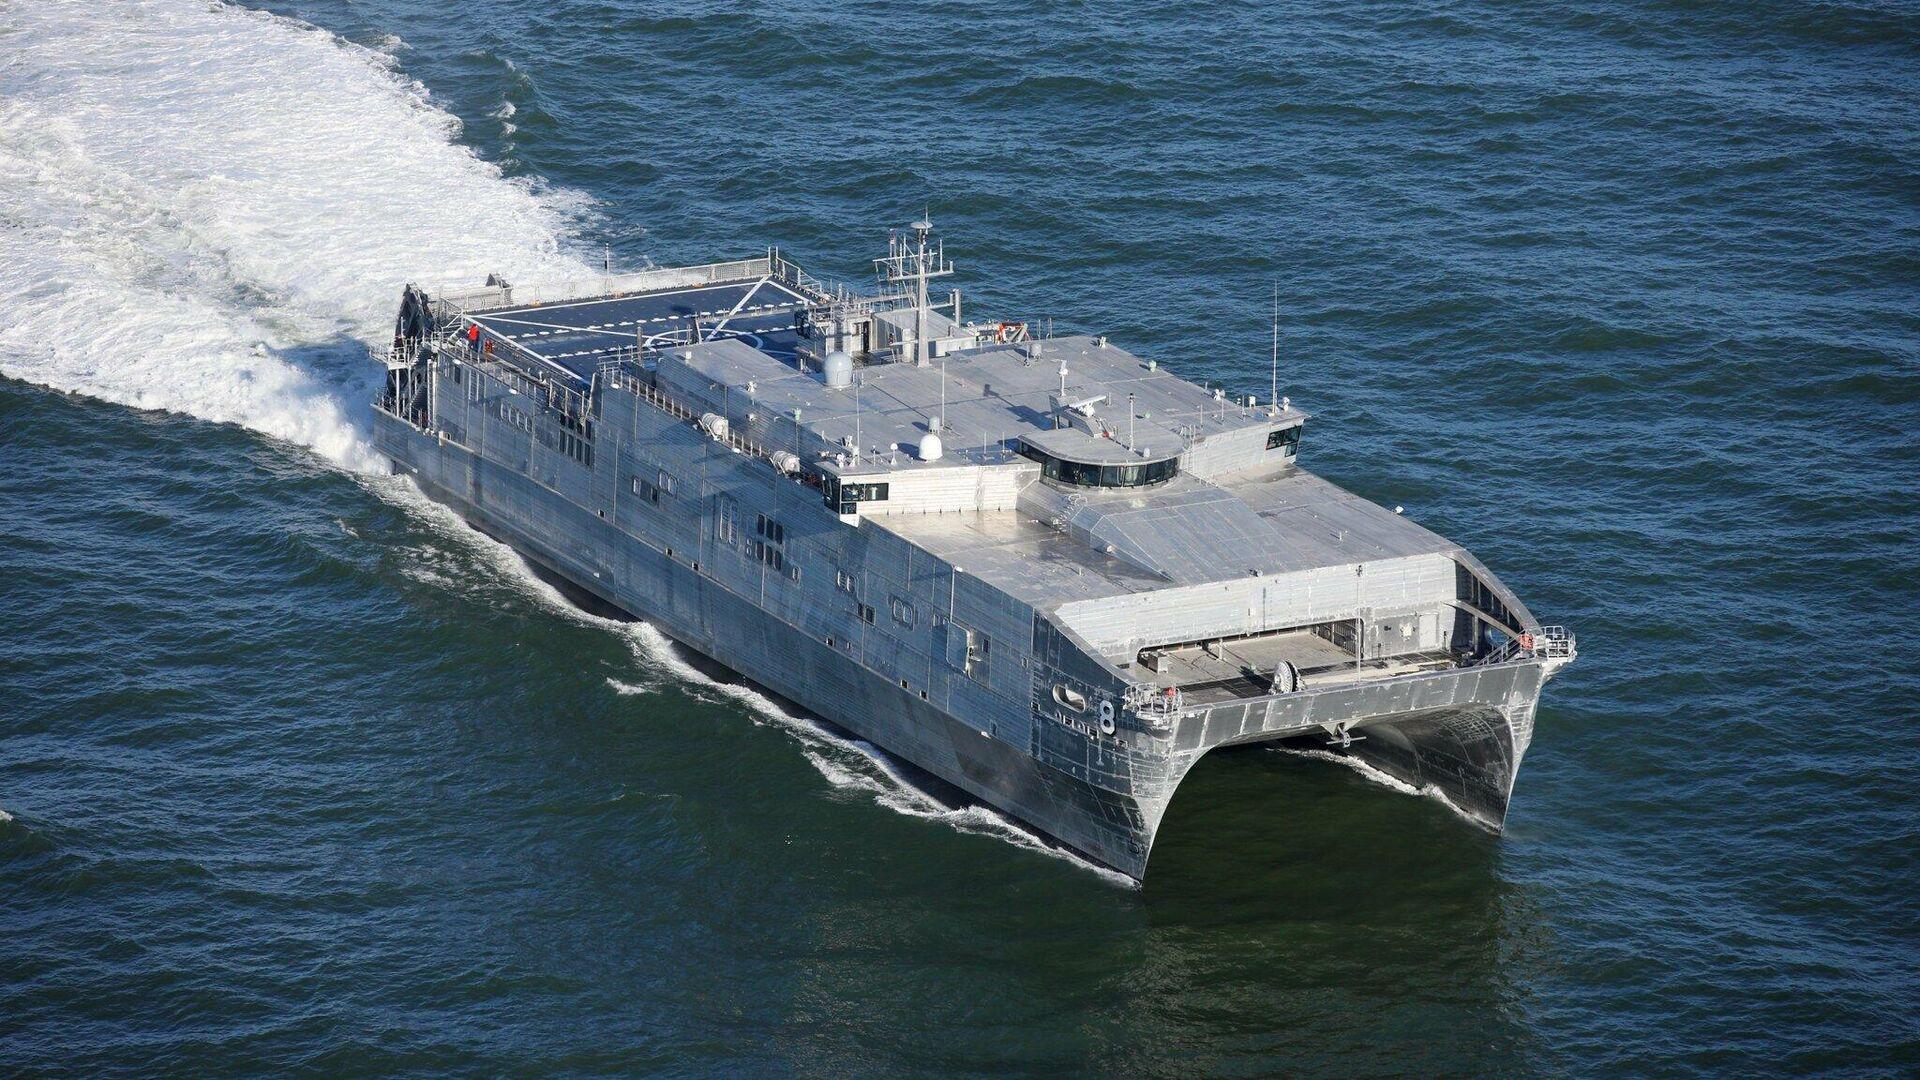 Быстроходный транспортно-десантный корабль USNS Yuma ВМС США  - РИА Новости, 1920, 08.07.2021